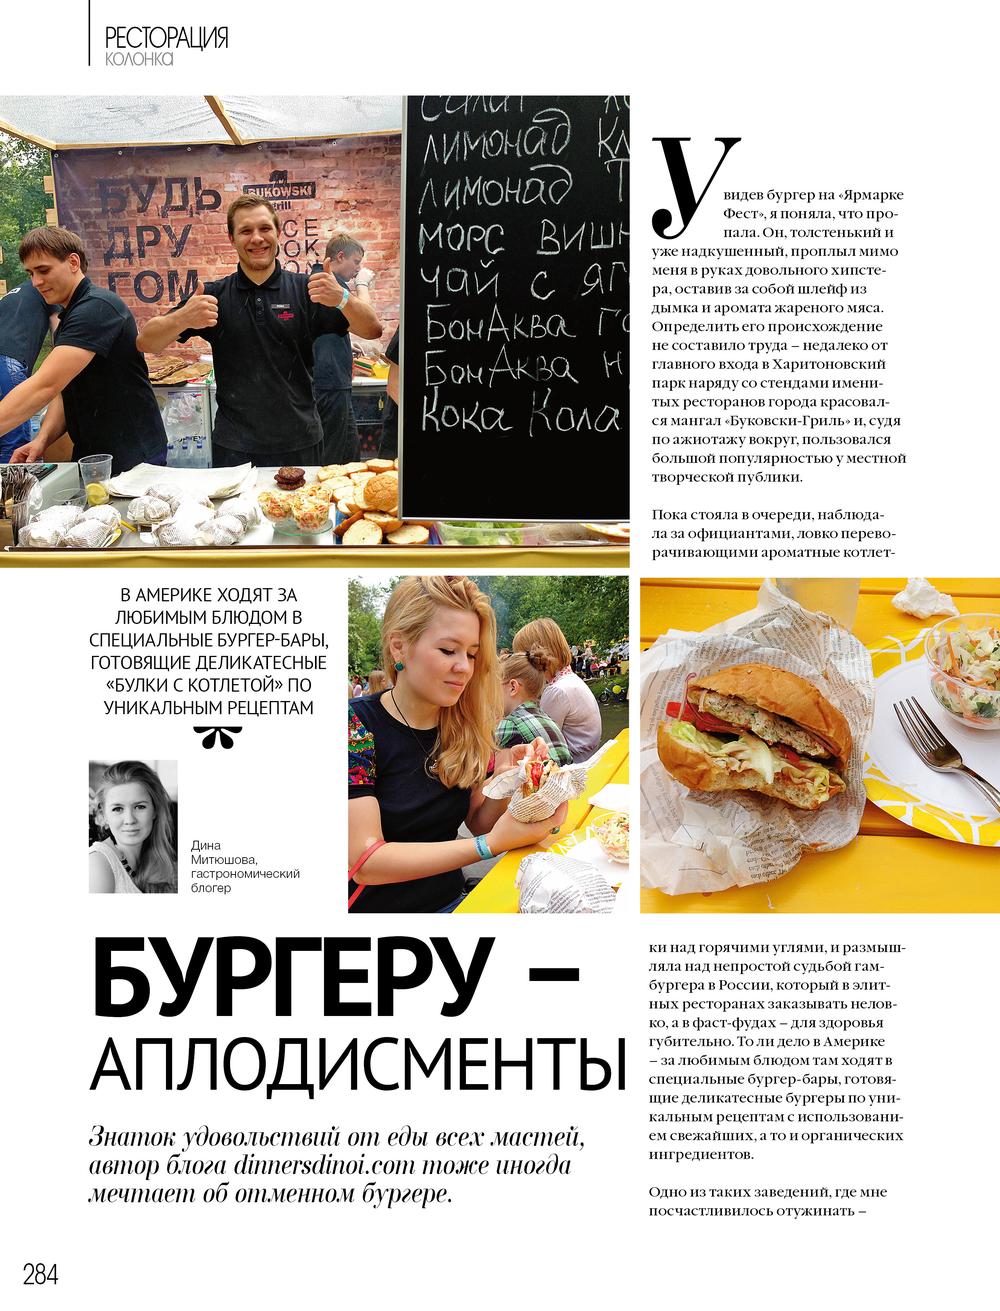 Burger eating in Stolnik